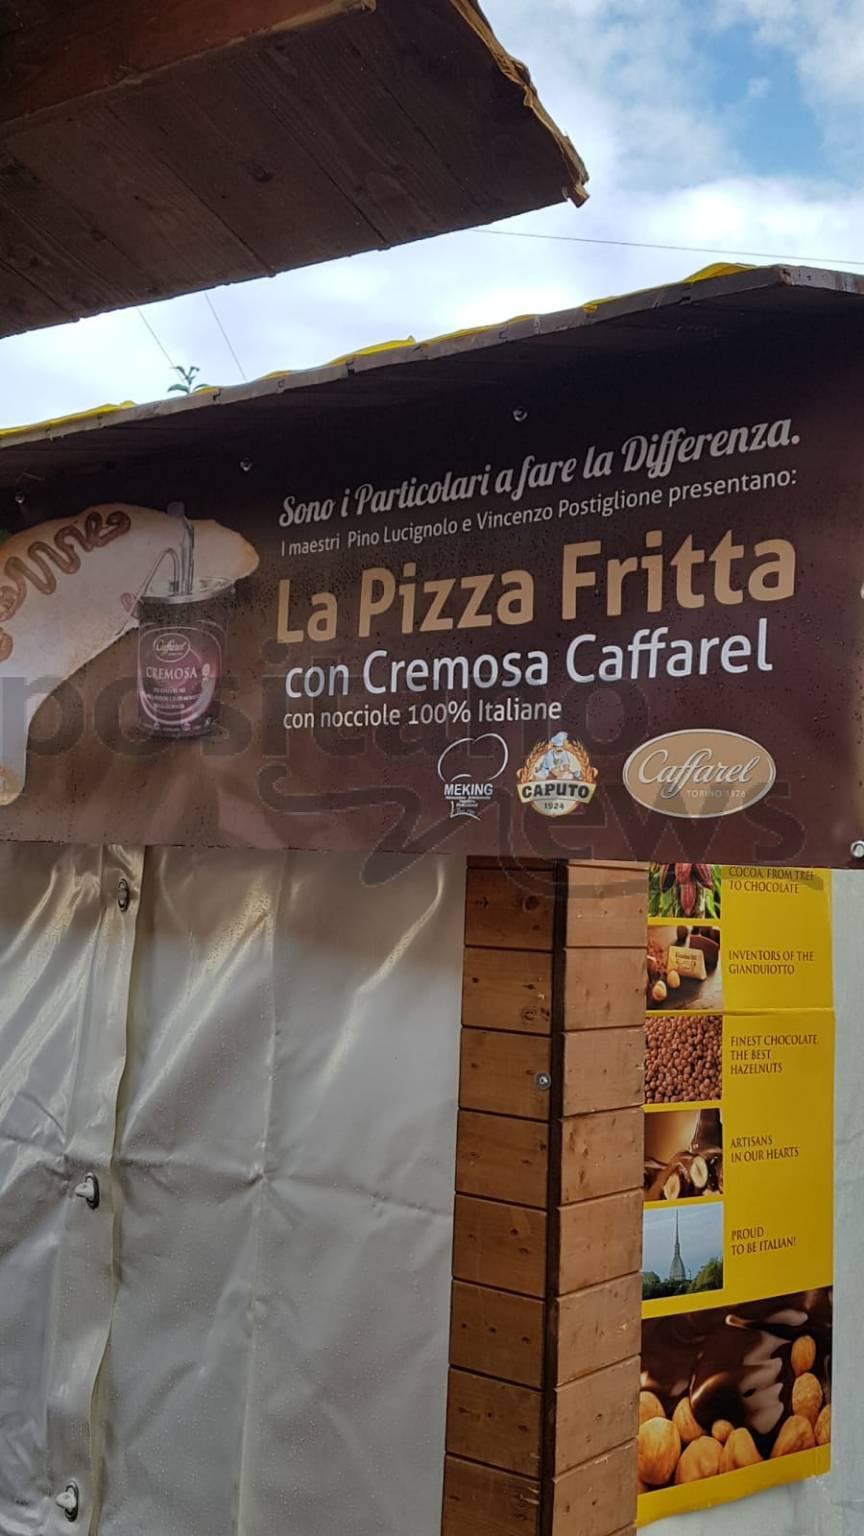 sorrento-ii-edizione-di-chocoland-la-terra-dei-golosi-3237091